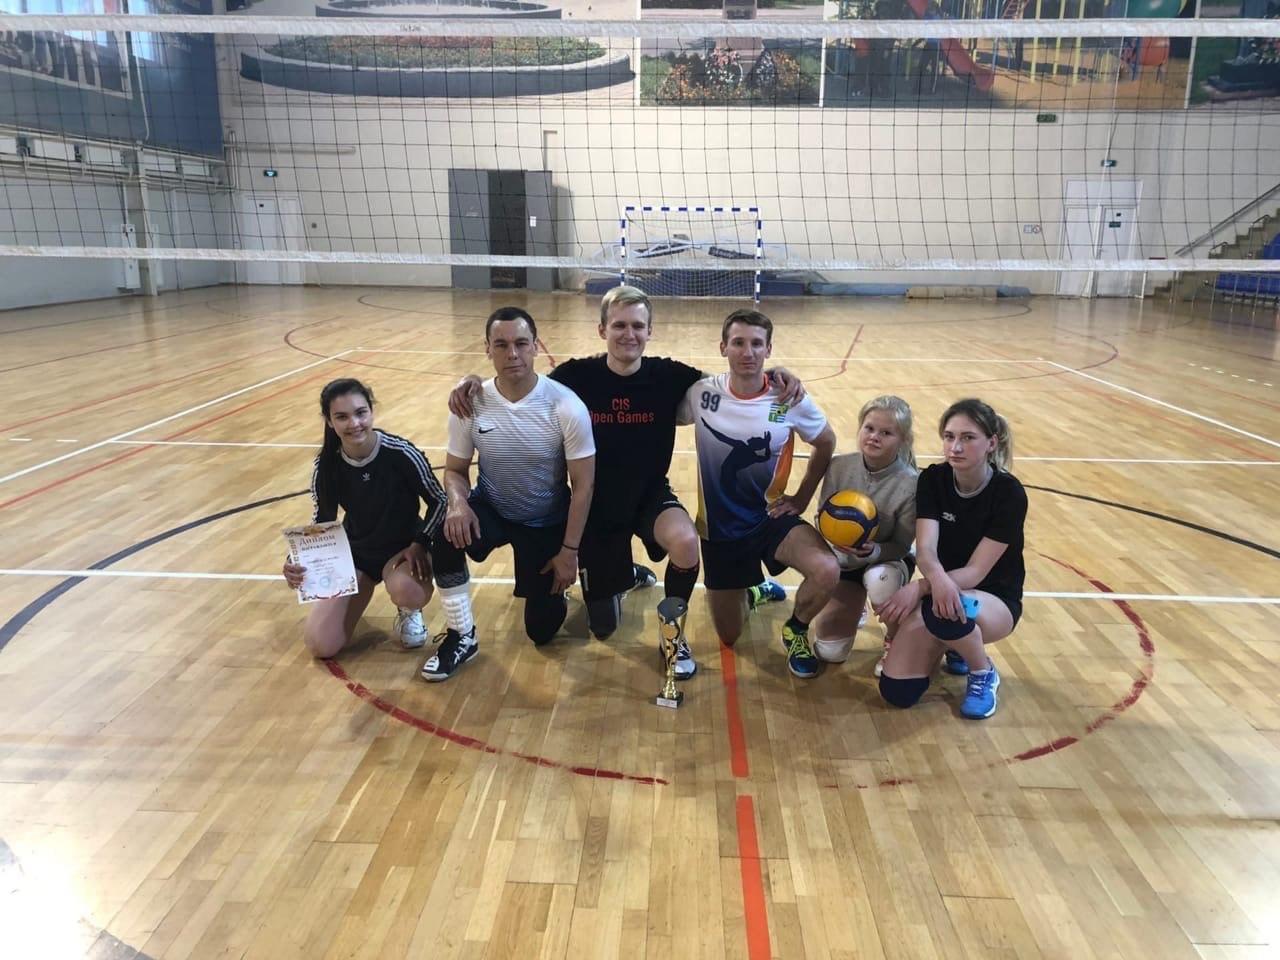 КОЛОМНАСПОРТ - Спорт в Коломне Озерские волейболисты выявляли лучших в первенстве города